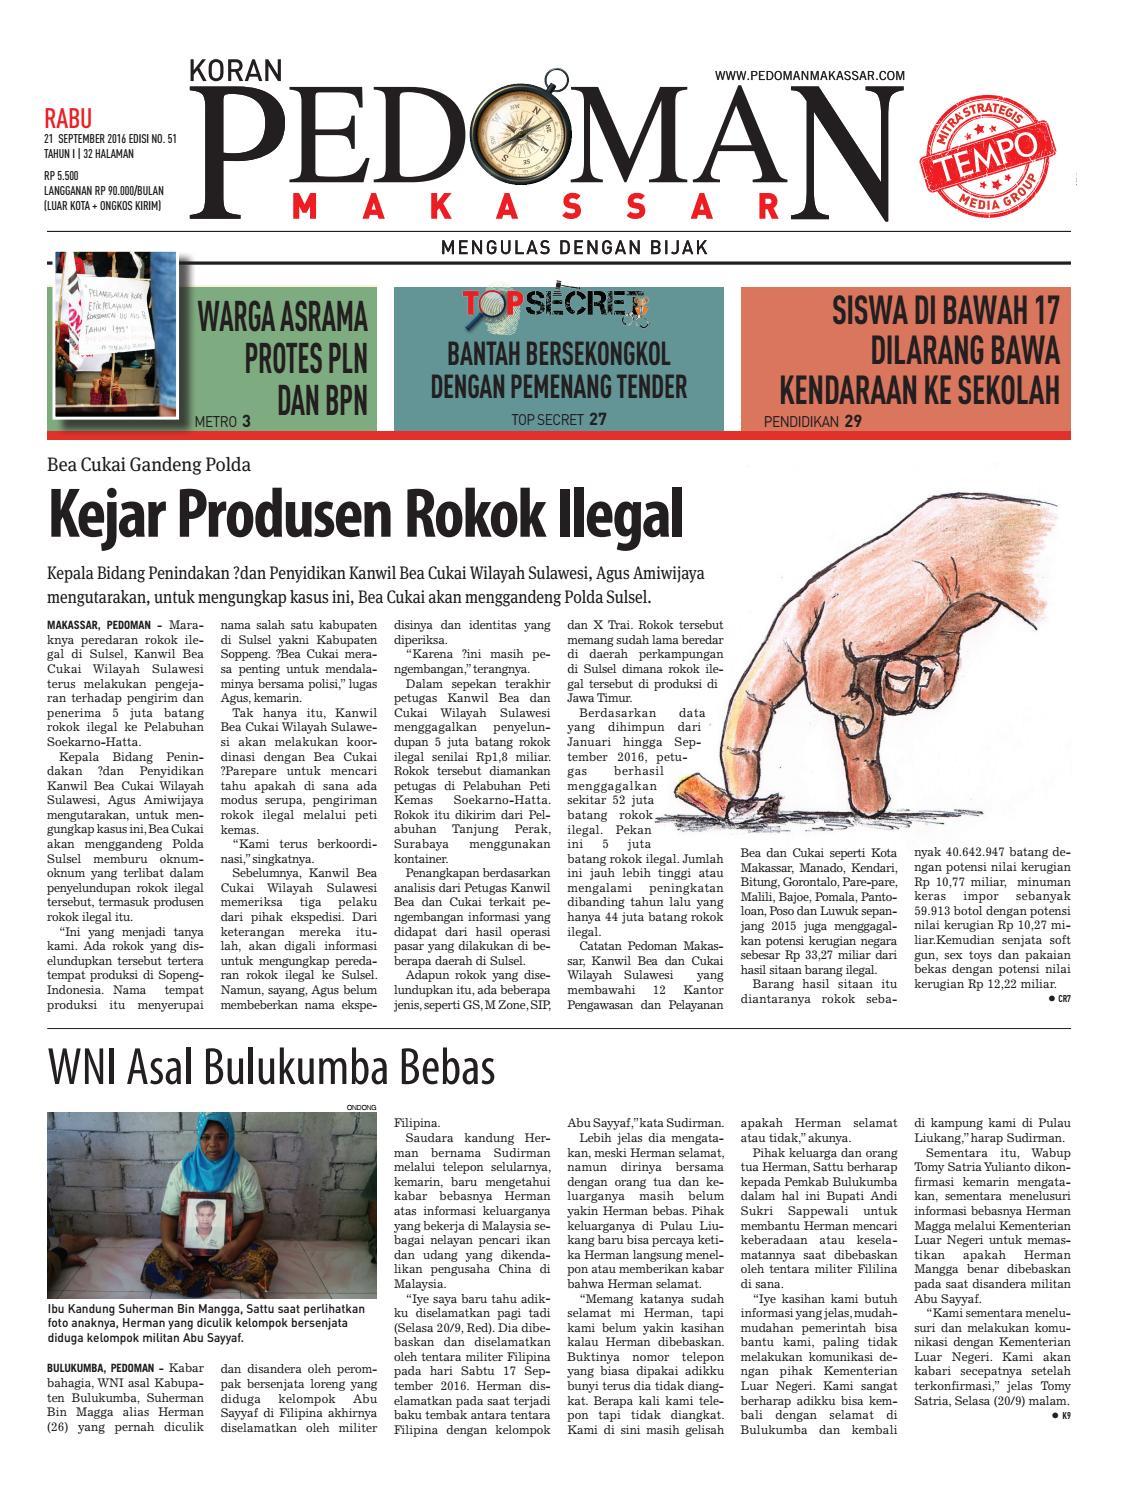 Edisi 51 21 September 2016 Pedoman Makassar By Pedoman Makassar Issuu